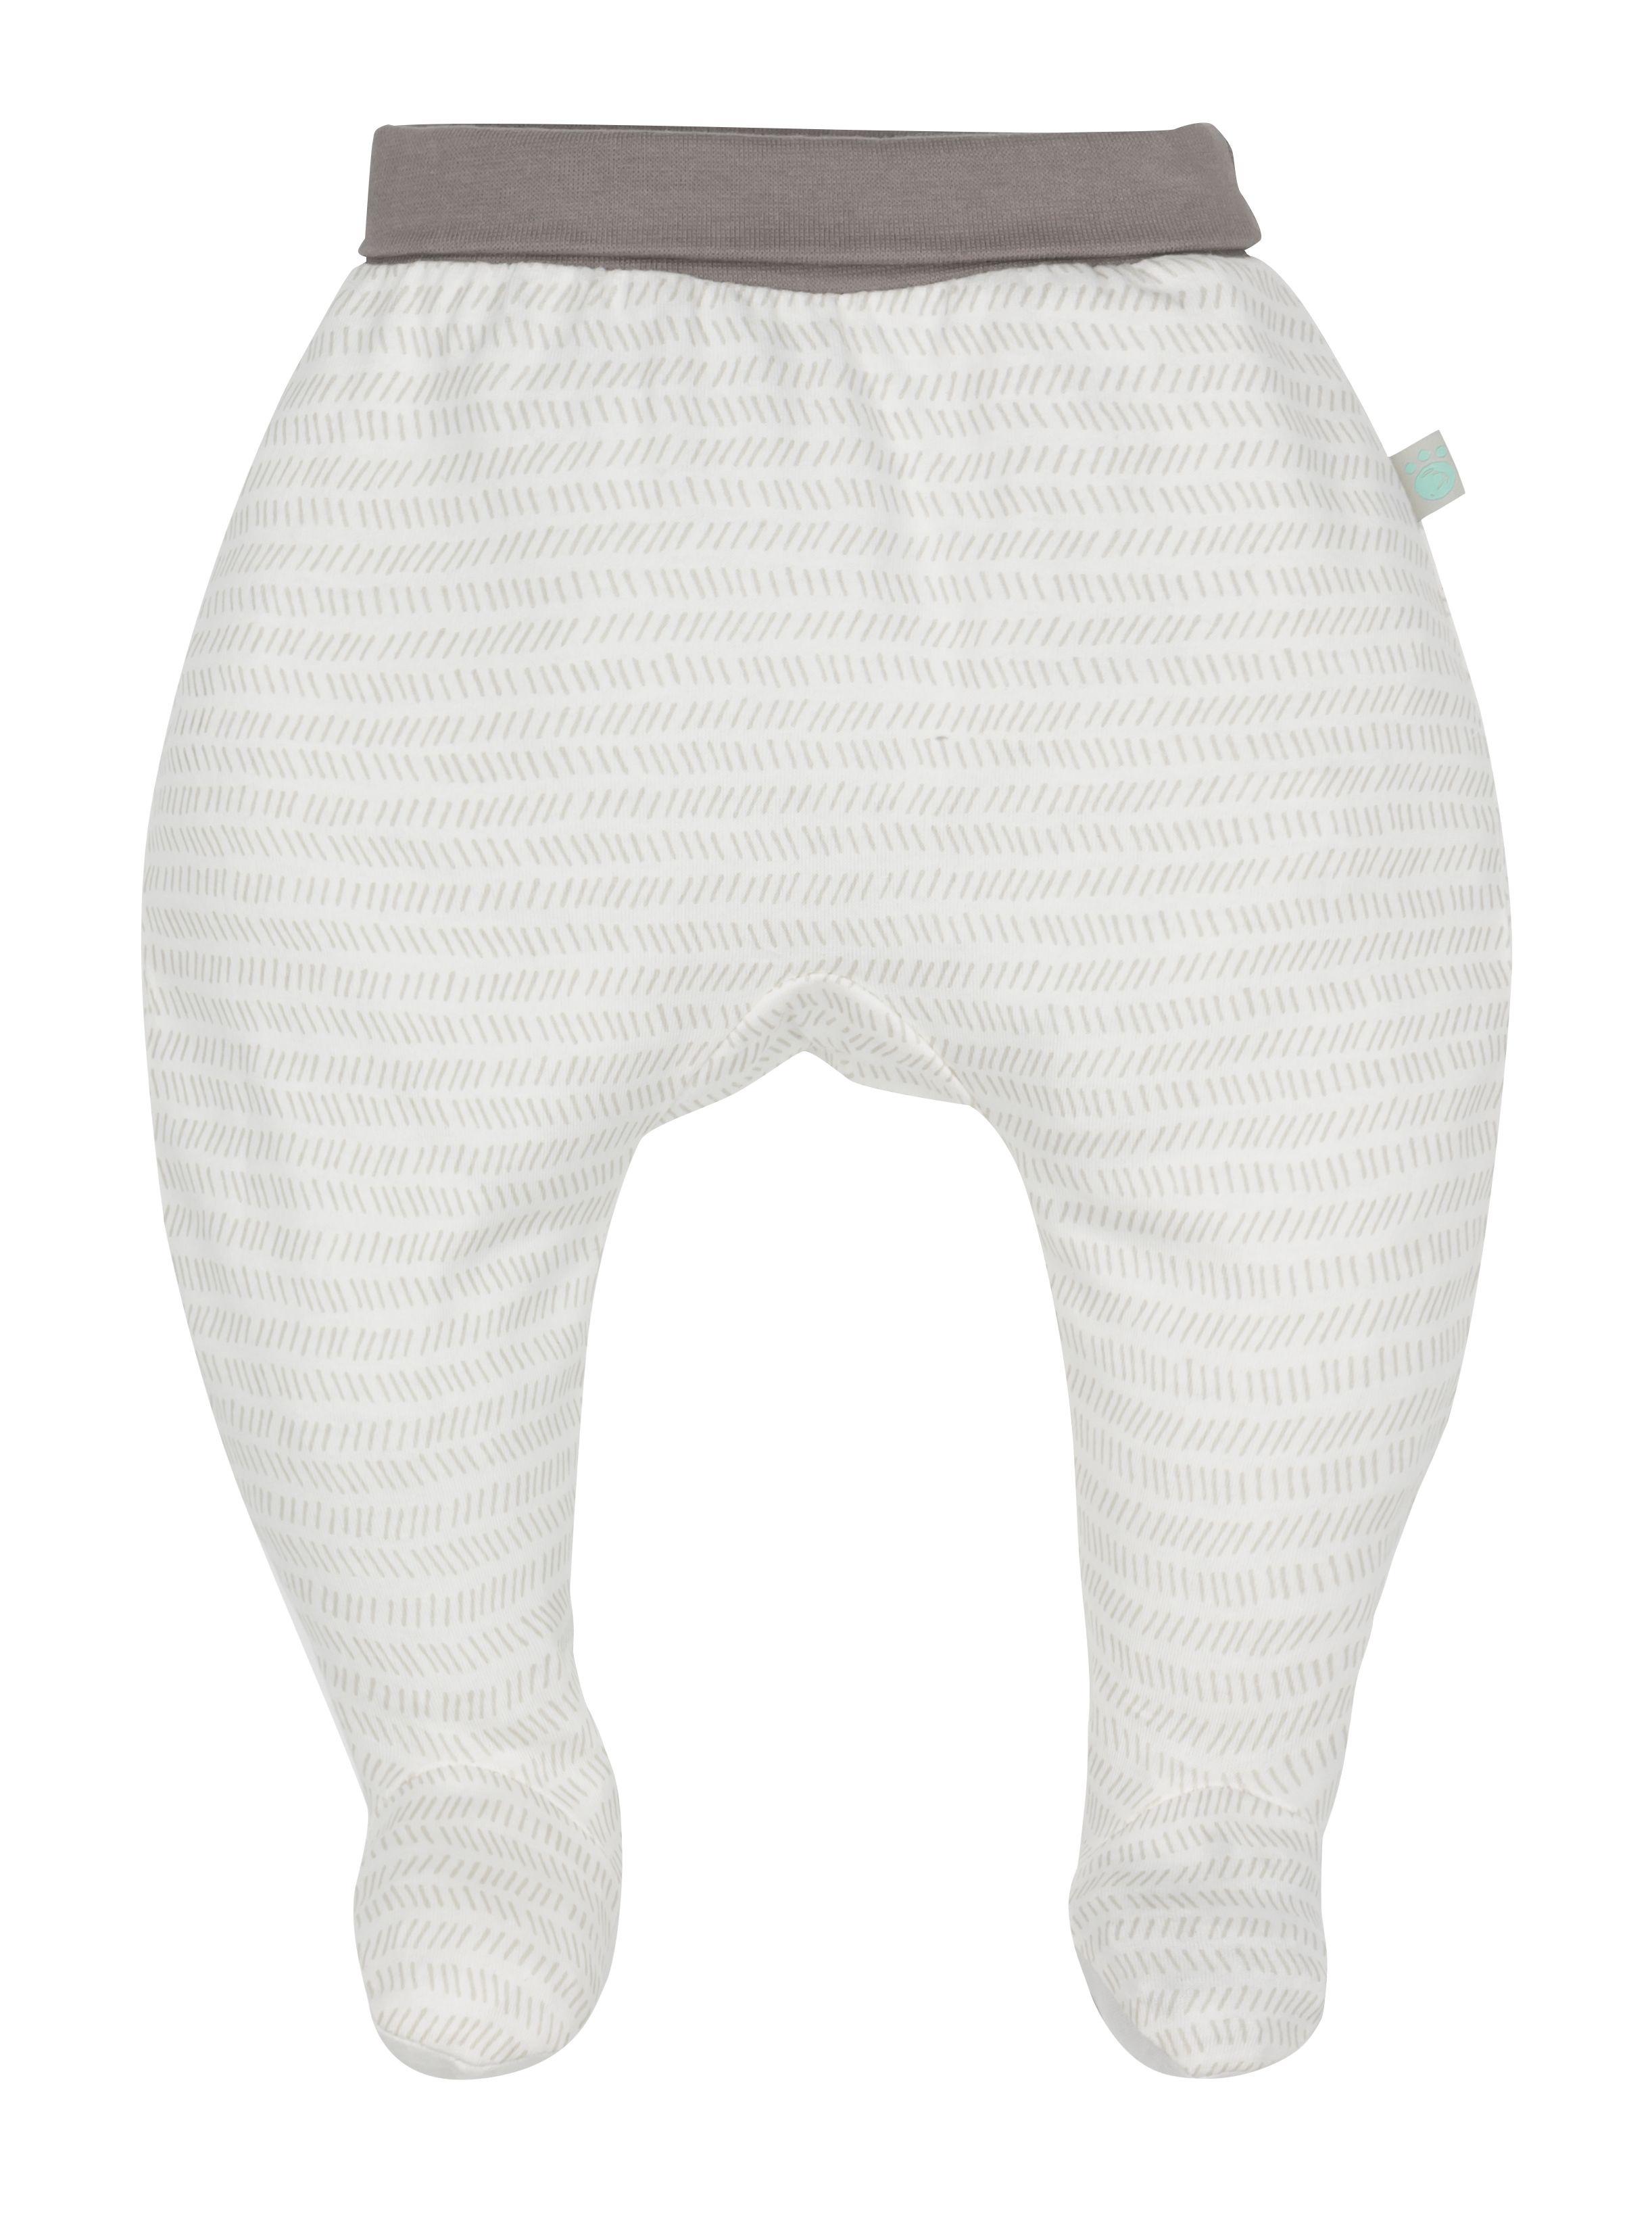 Gmini Kalhoty do pasu s ťapkou neutrál Hrošík 56 cm